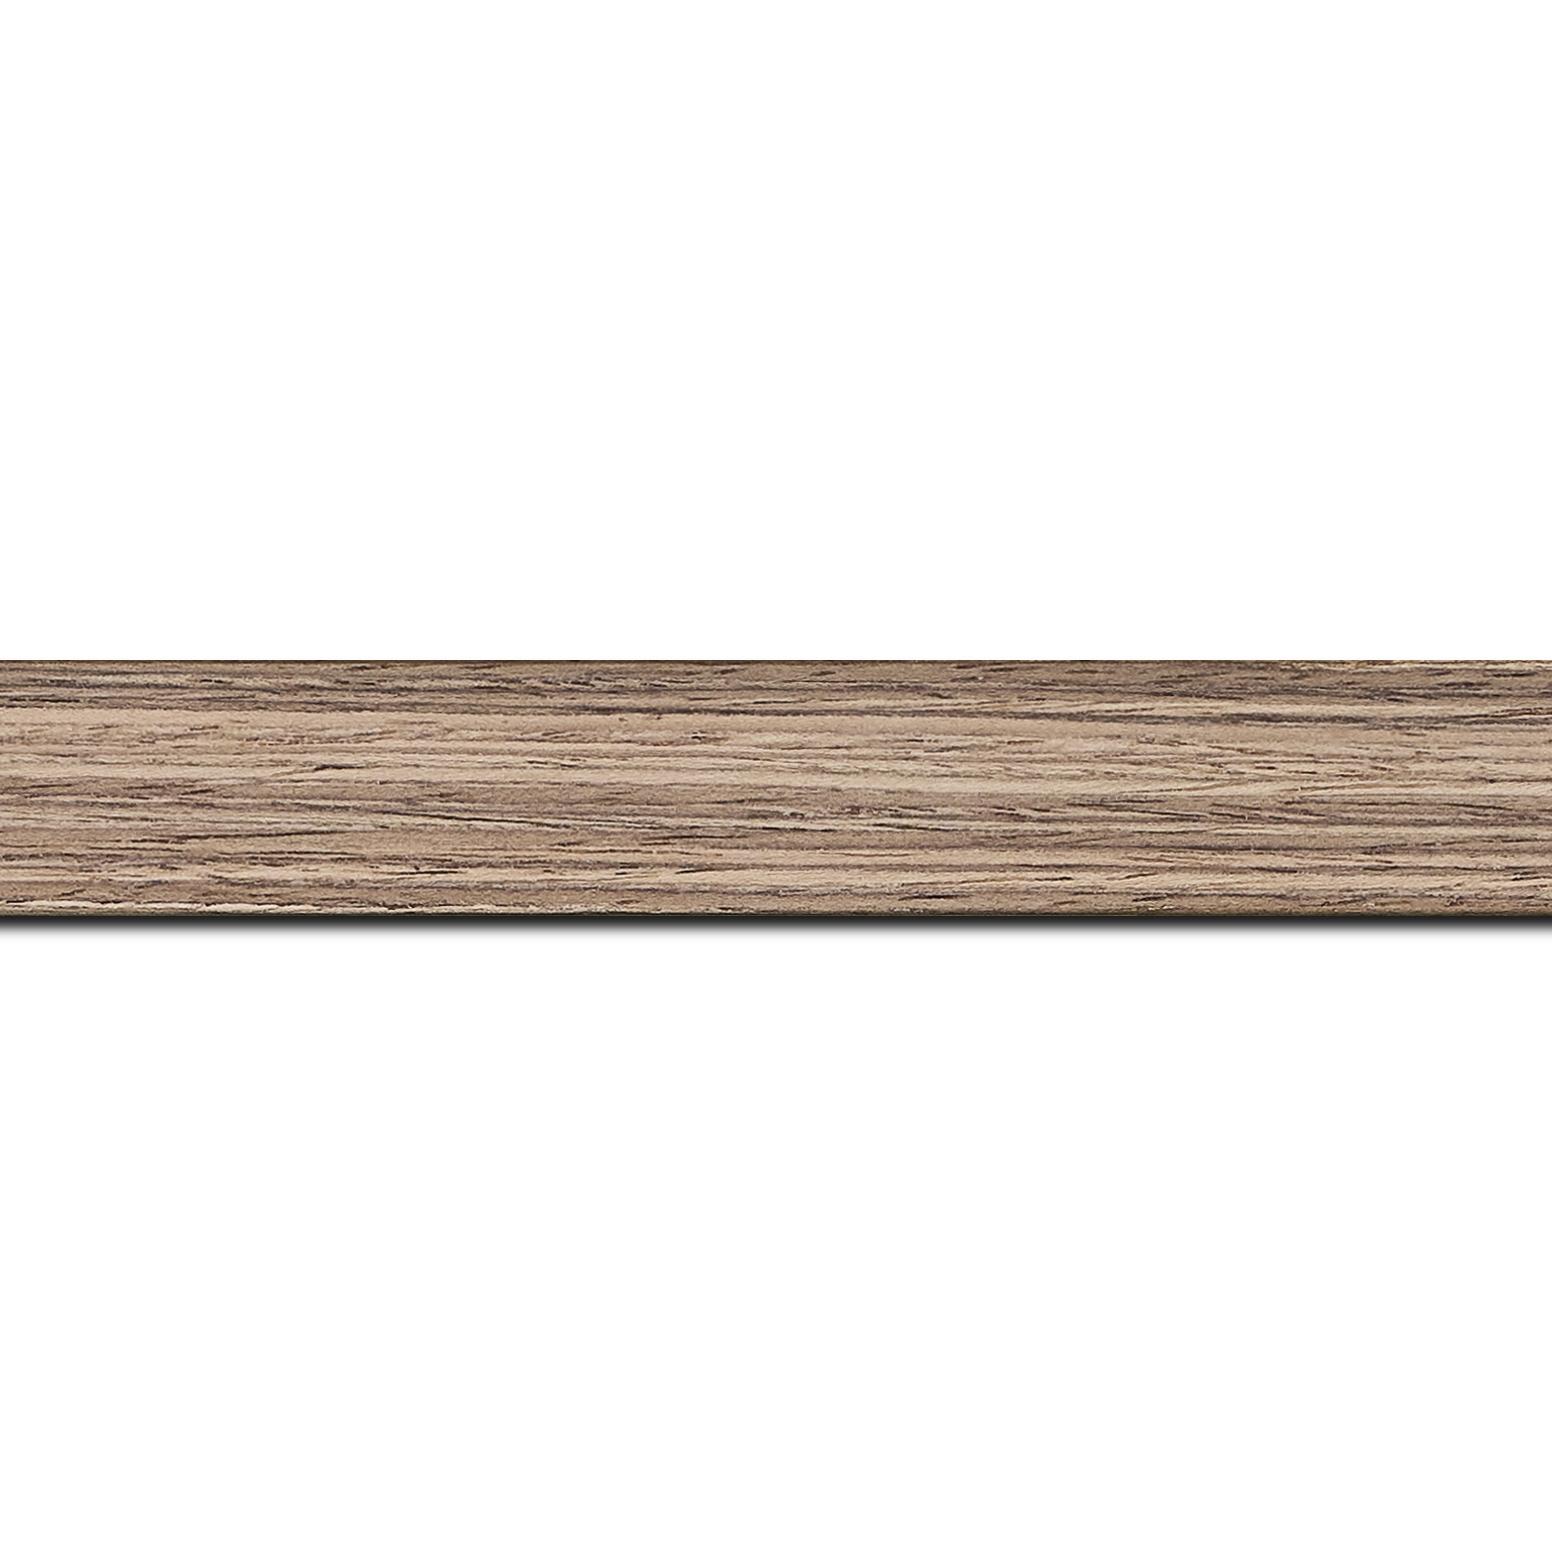 Pack par 12m, bois profil plat largeur 2.5cm plaquage noyer haut de gamme(longueur baguette pouvant varier entre 2.40m et 3m selon arrivage des bois)